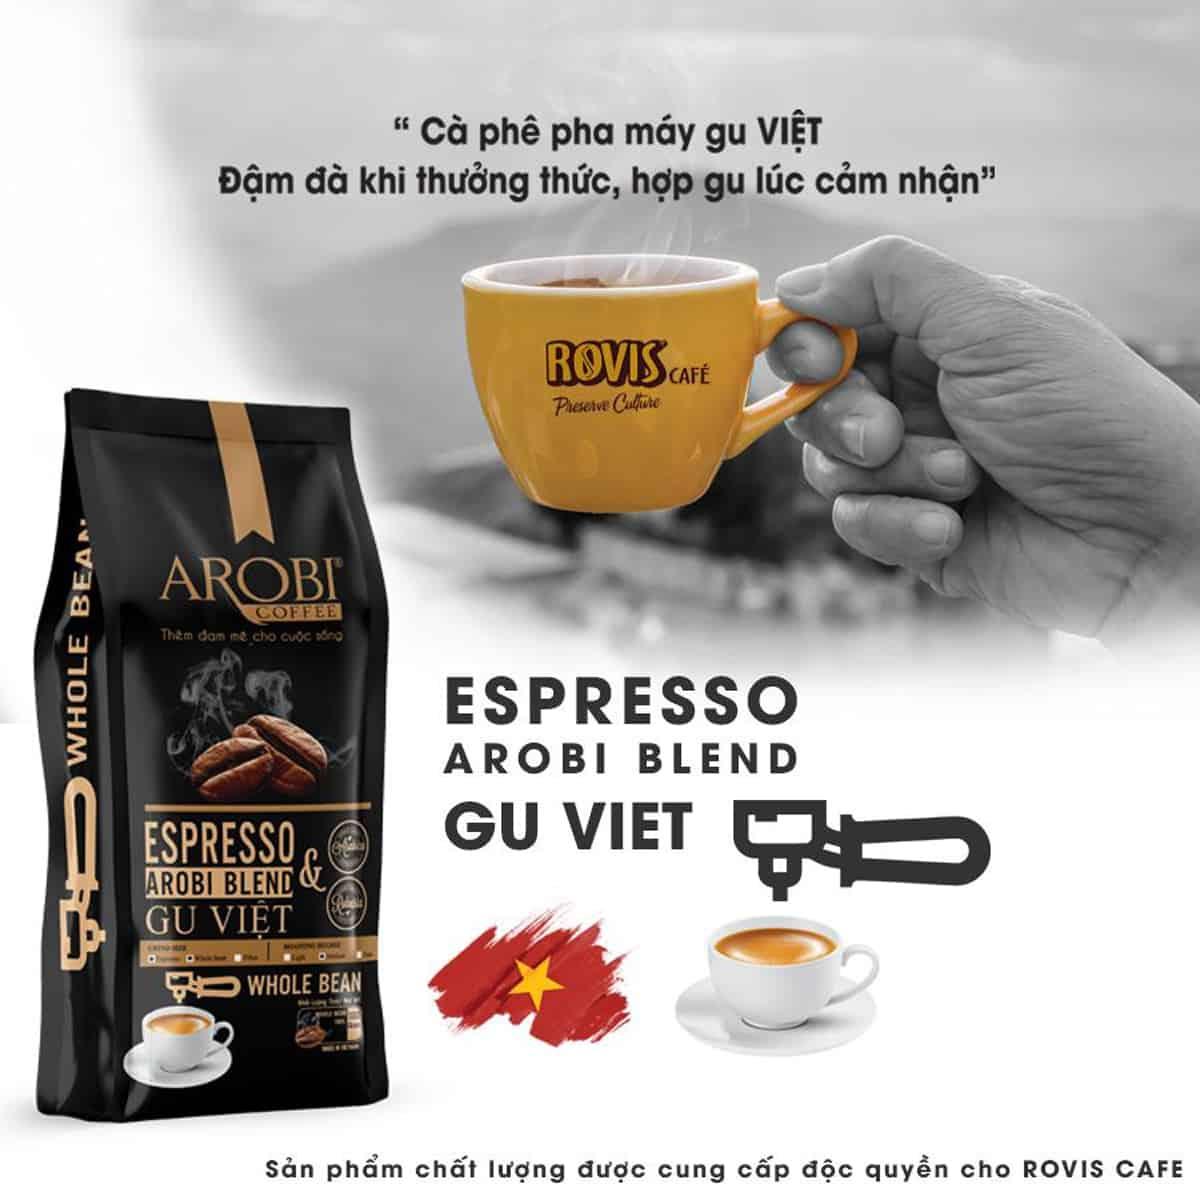 Espresso Gu Việt nổi tiếng của Rovis Cafe